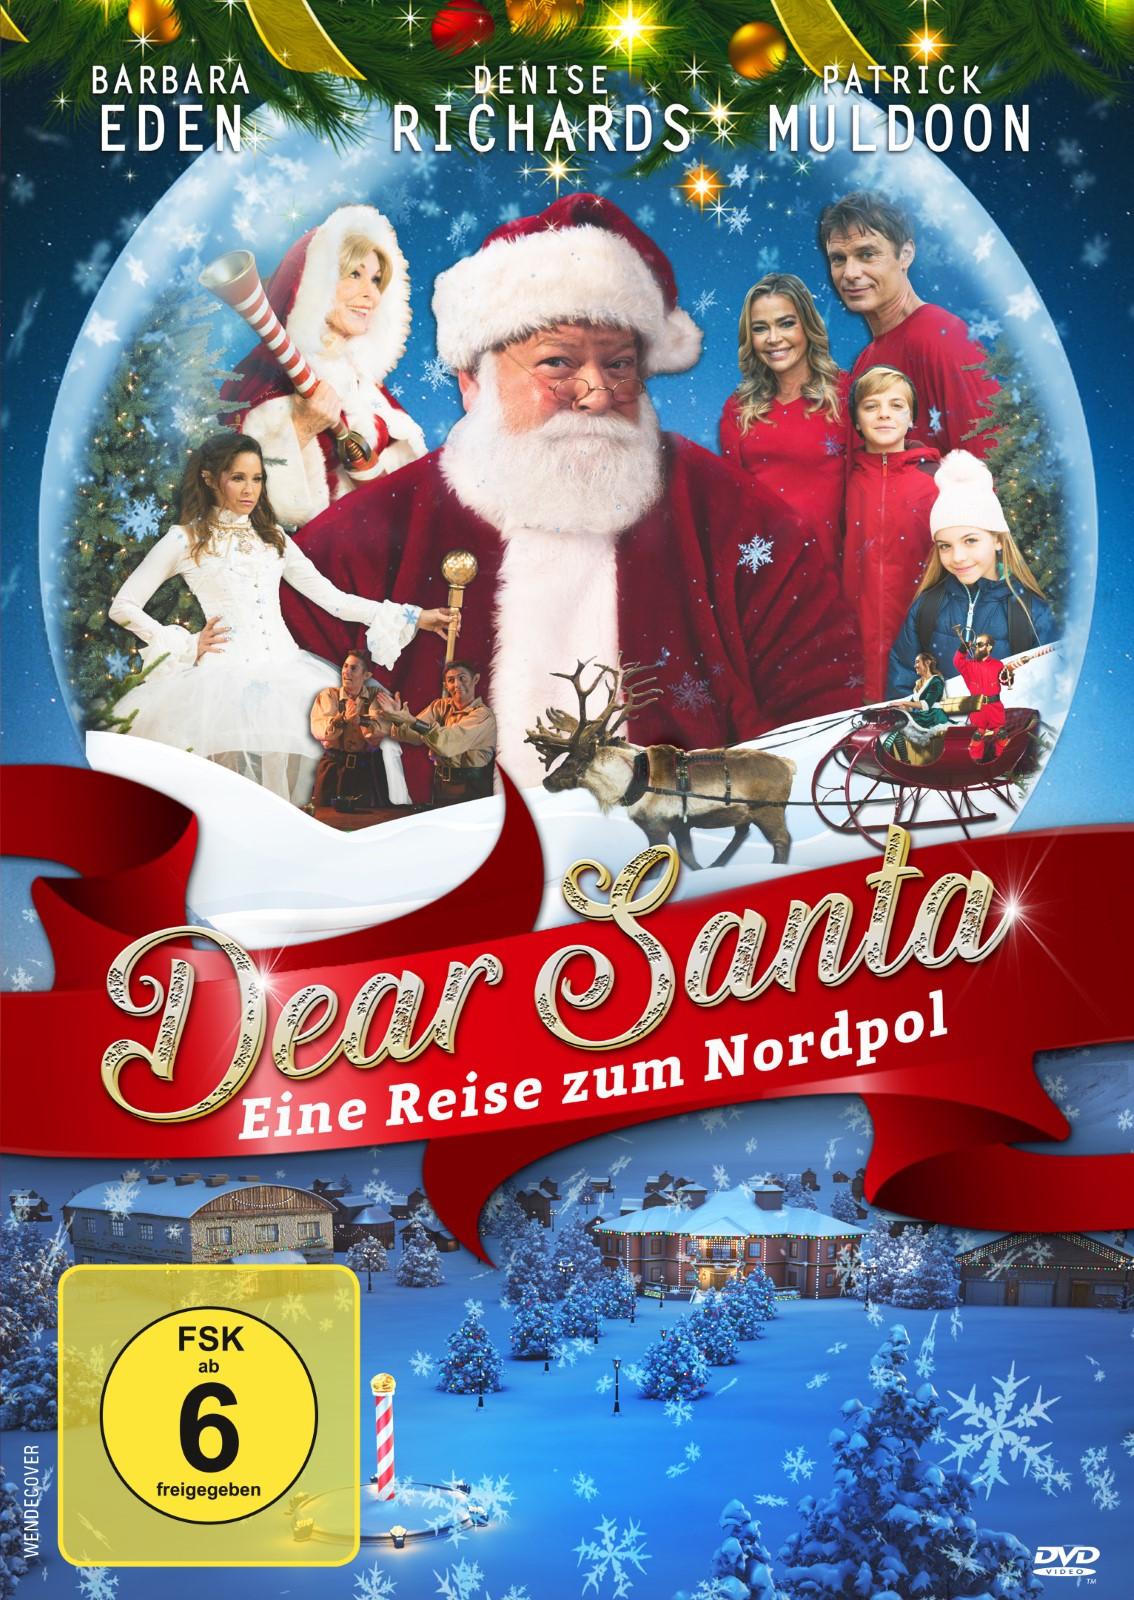 [DE] Dear Santa - Eine Reise zum Nordpol